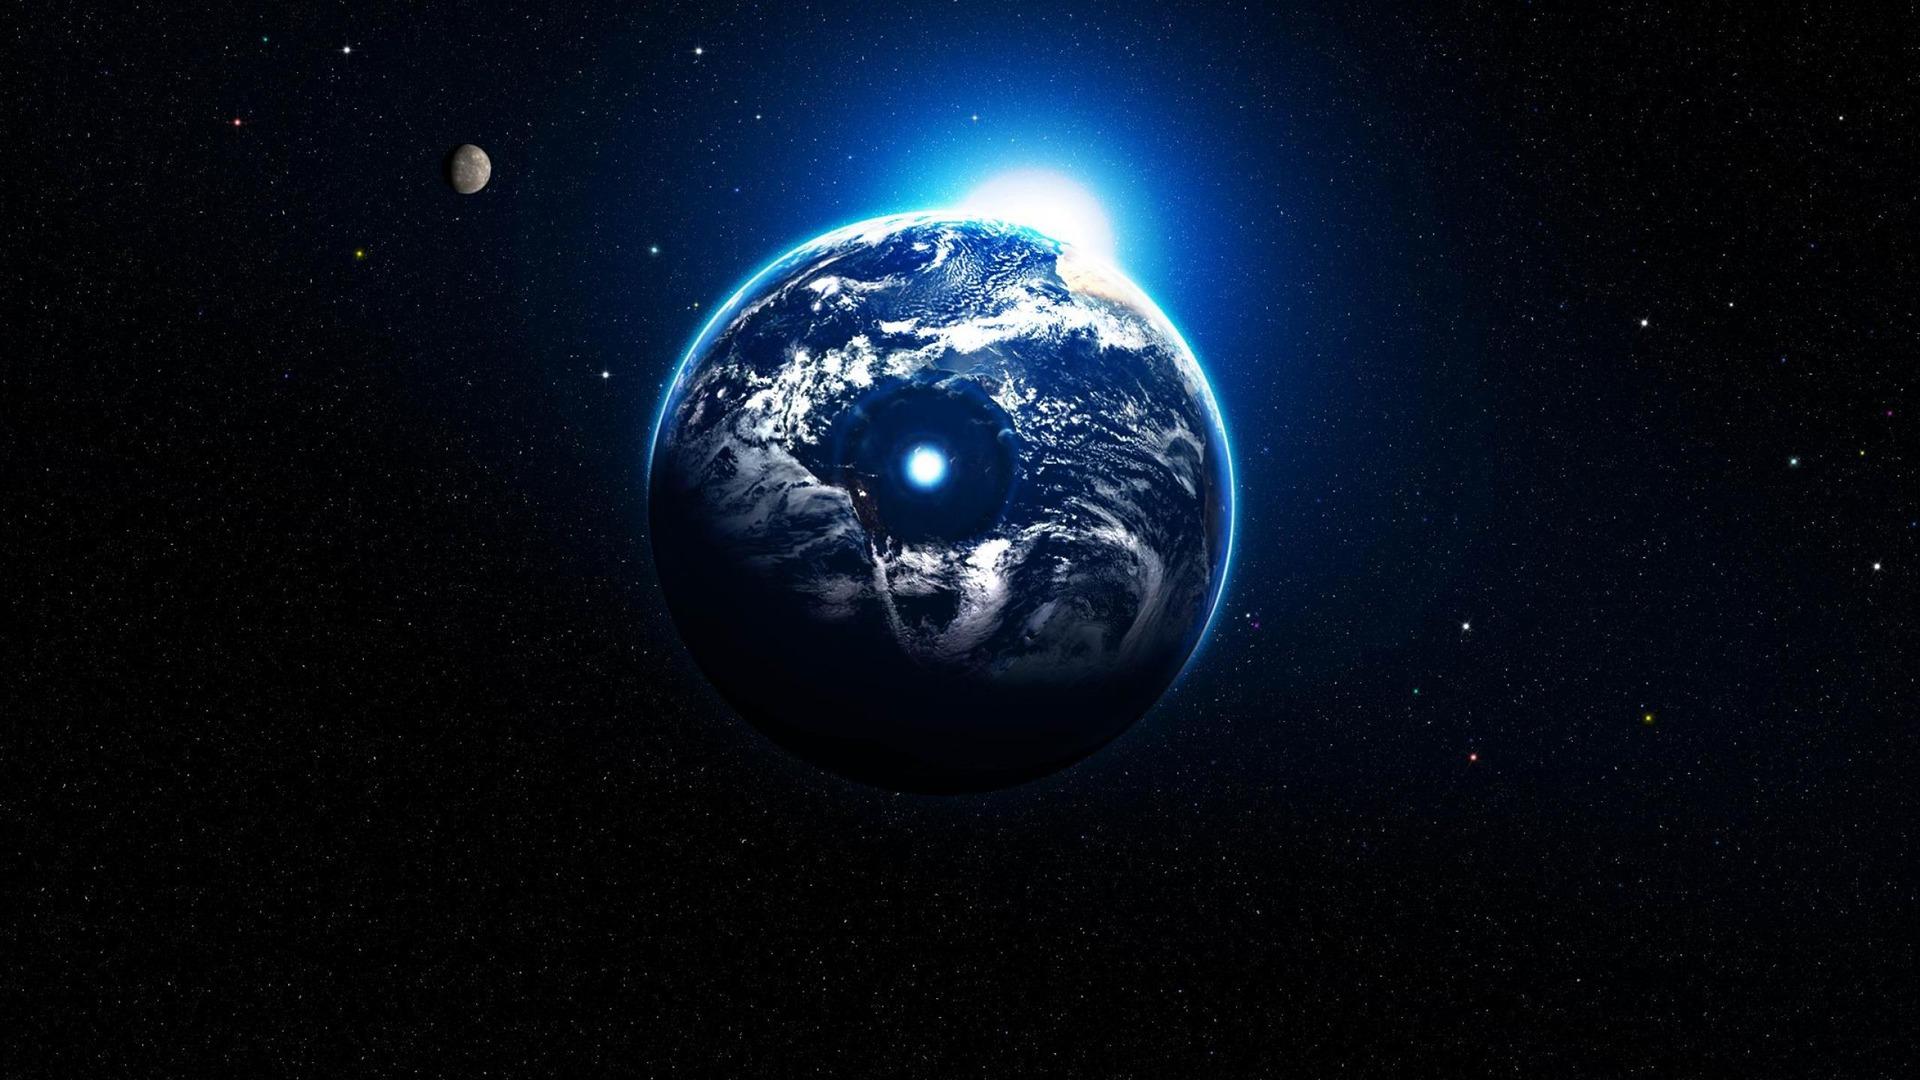 espace planète hd fonds d'écran paysage x fond d'écran